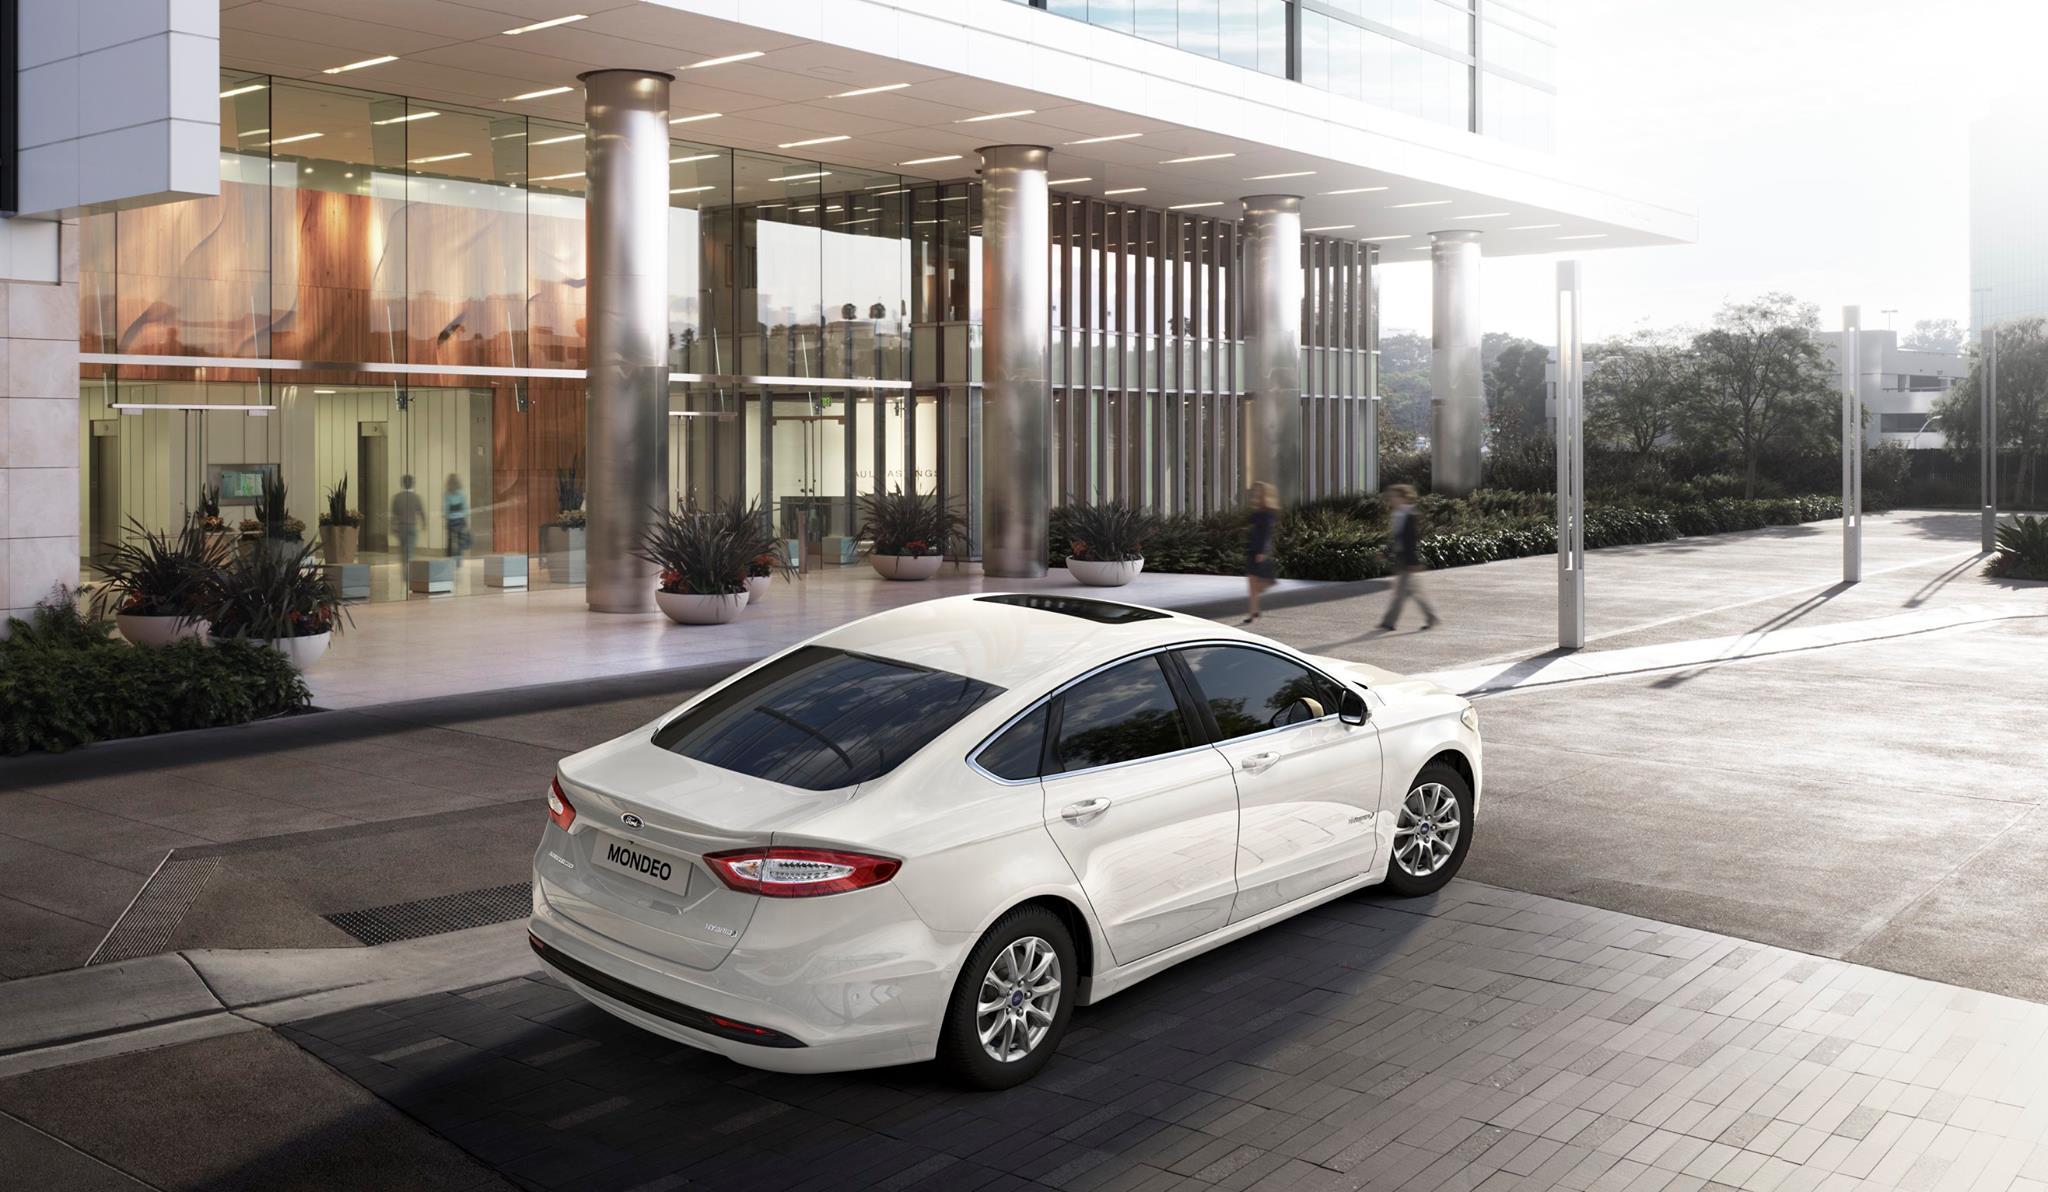 Nuova Ford Mondeo riconosce i pedoni e frena da sola